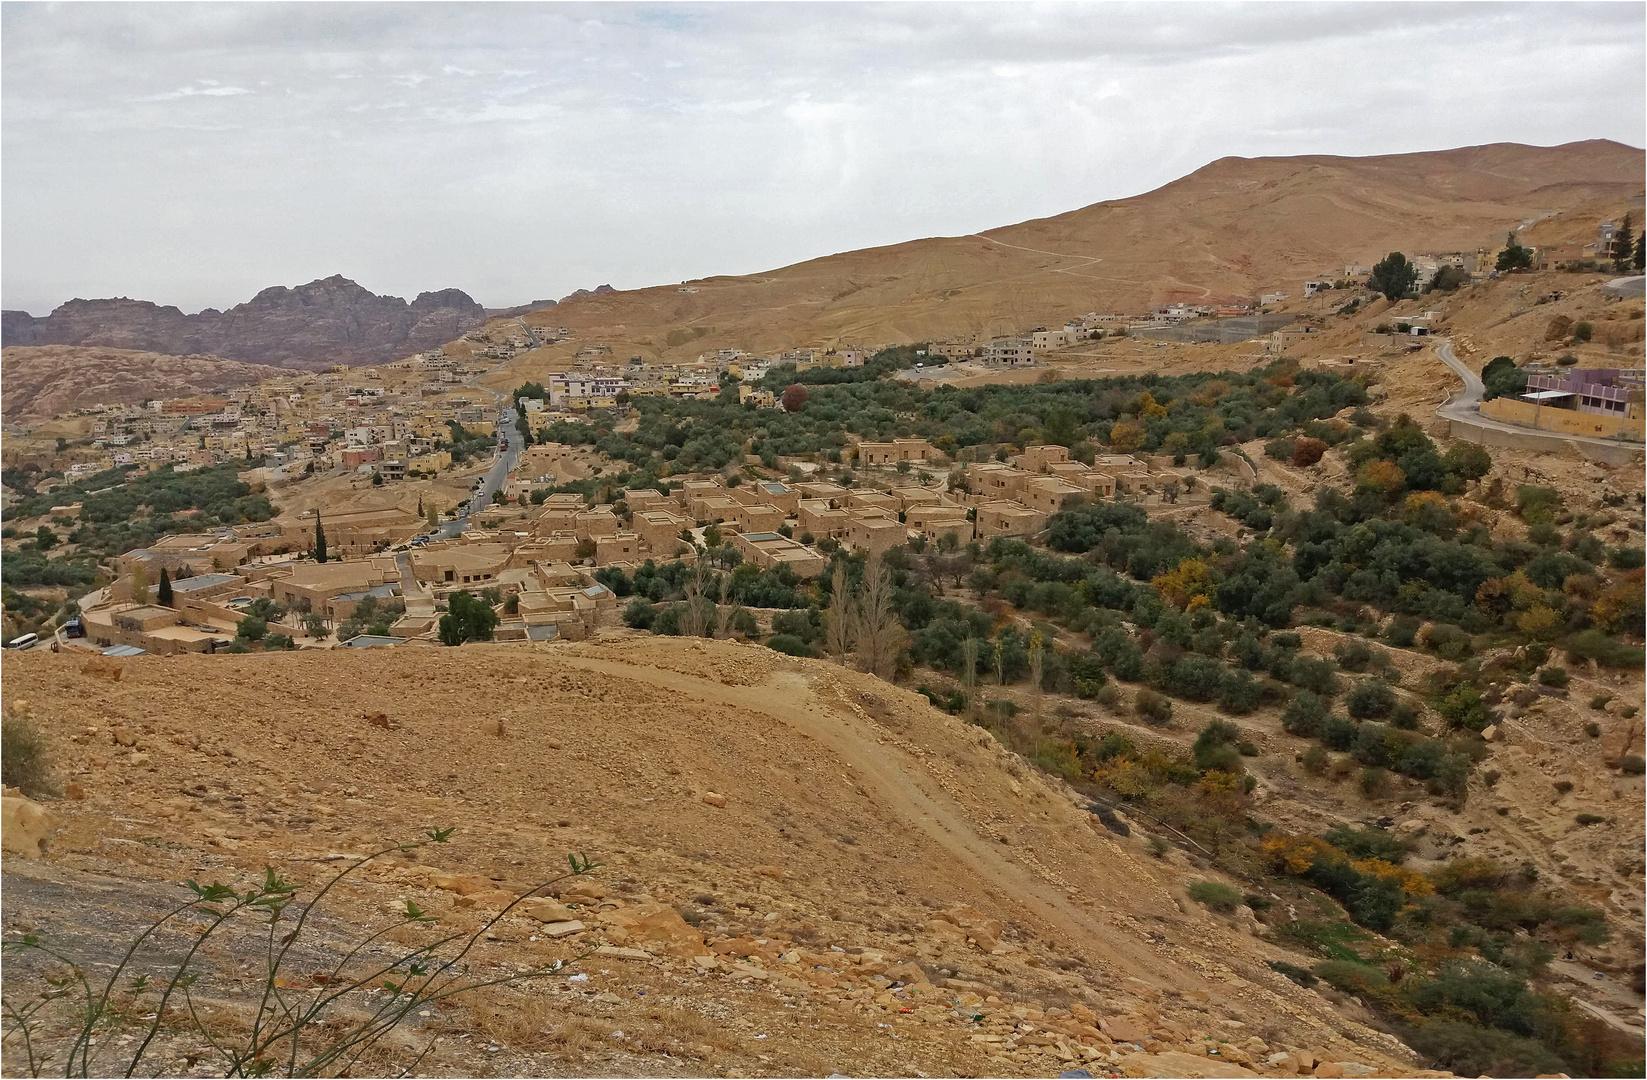 Hotel Beit Zaman à Wadi Moussa